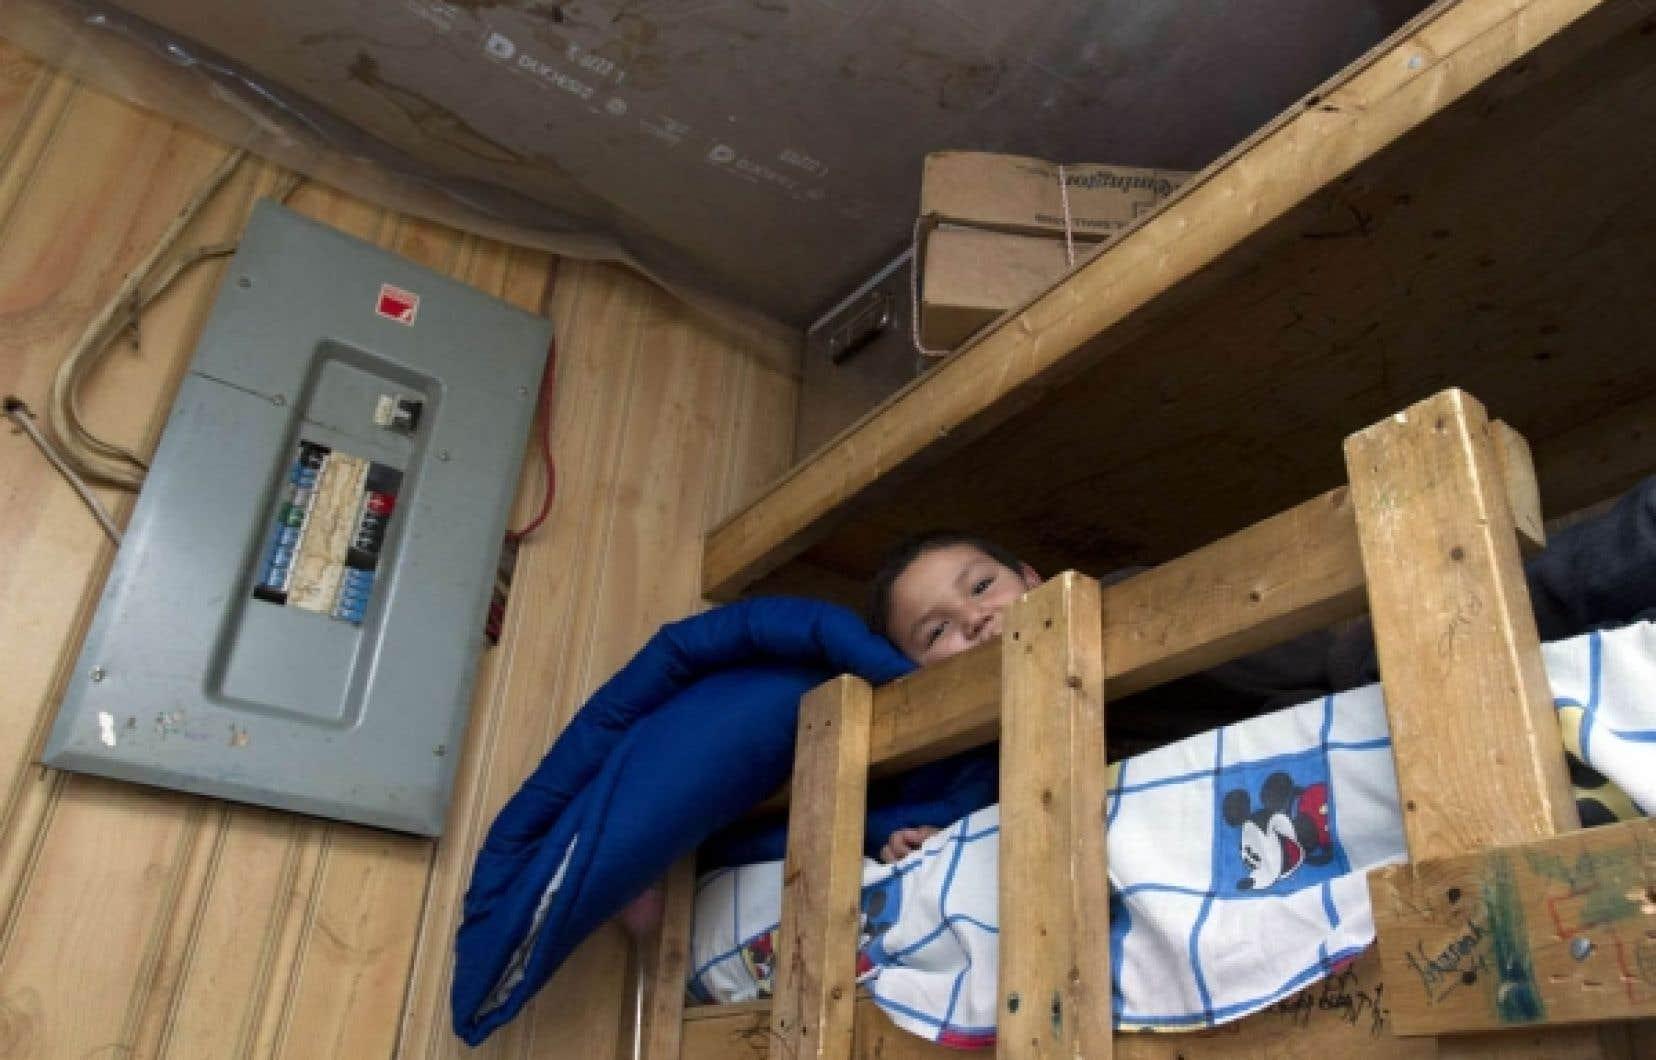 Les défis immédiats qui seront portés à l'attention de Stephen Harper pourraient notamment inclure le financement des programmes de logement. Sur la photo, un enfant de la communauté d'Attawapiskat, en Ontario.